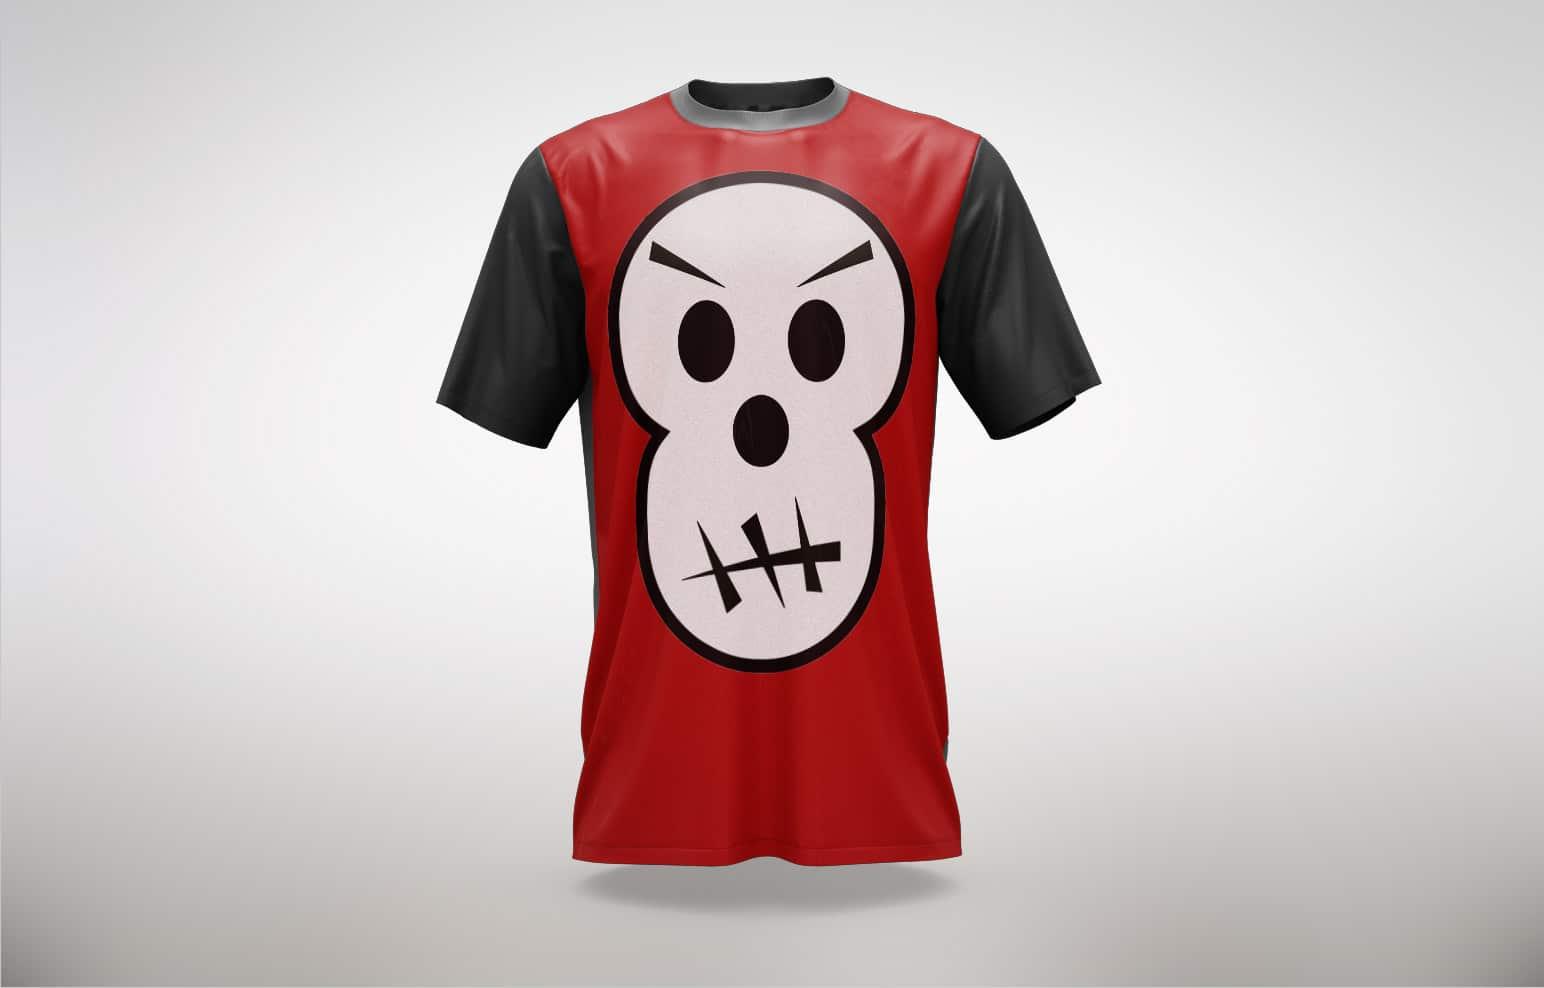 Moderen dizajn za na maica, Модерен дизајн за на маица